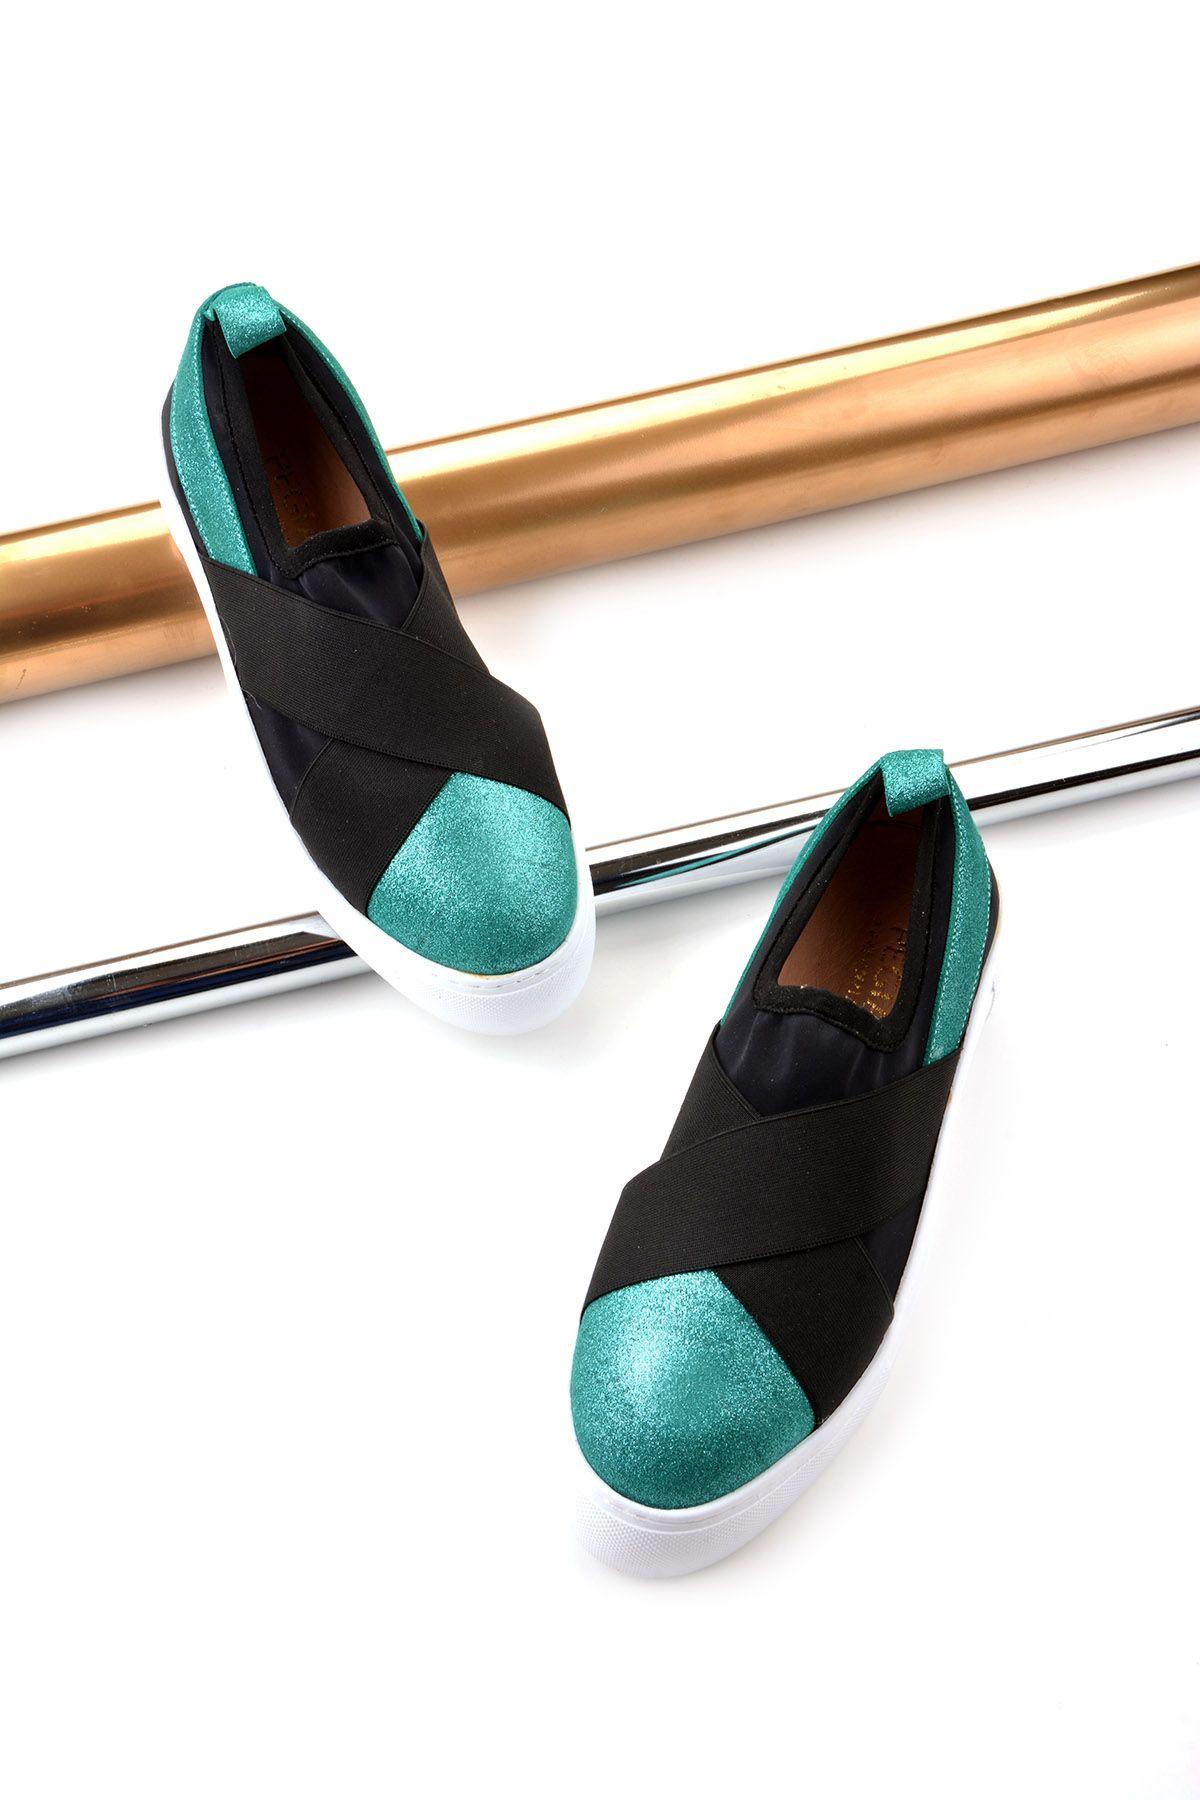 Pegia Voyage Hakiki Deri Bayan Günlük Ayakkabı REC-011 Yeşil